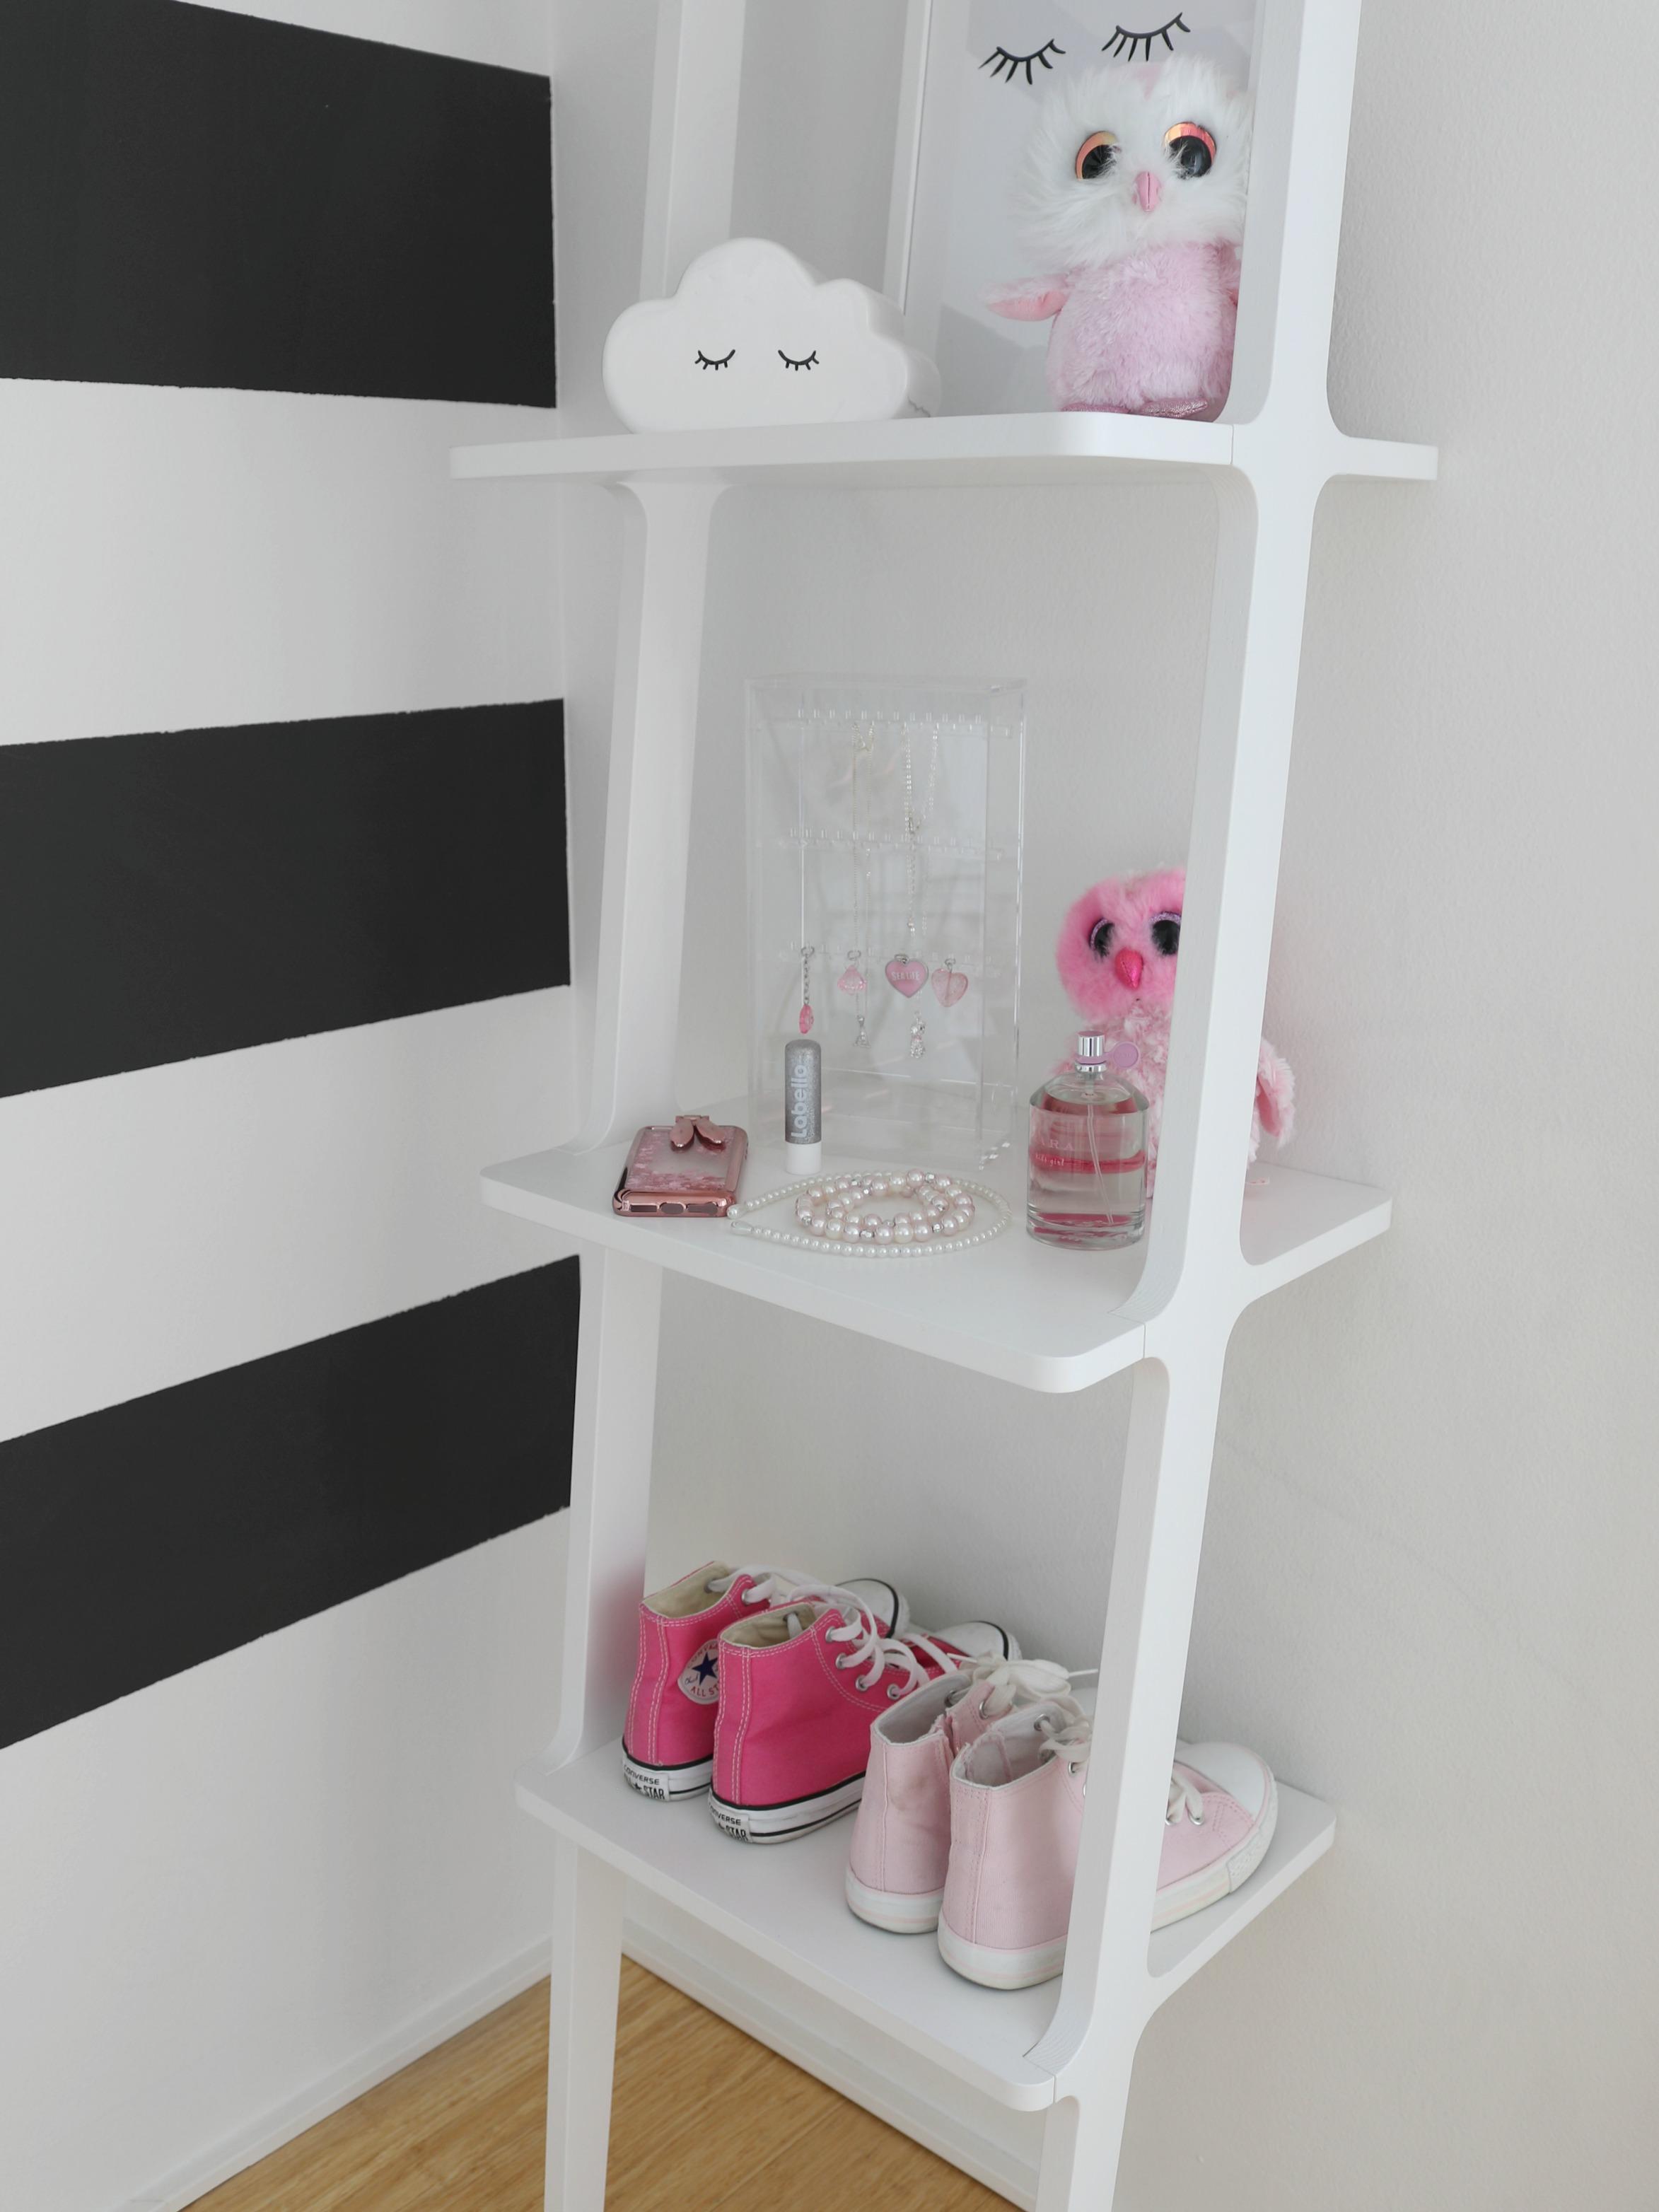 Lastenhuone sisustus vaaleanpunainen musta valkoinen yksityiskohtia